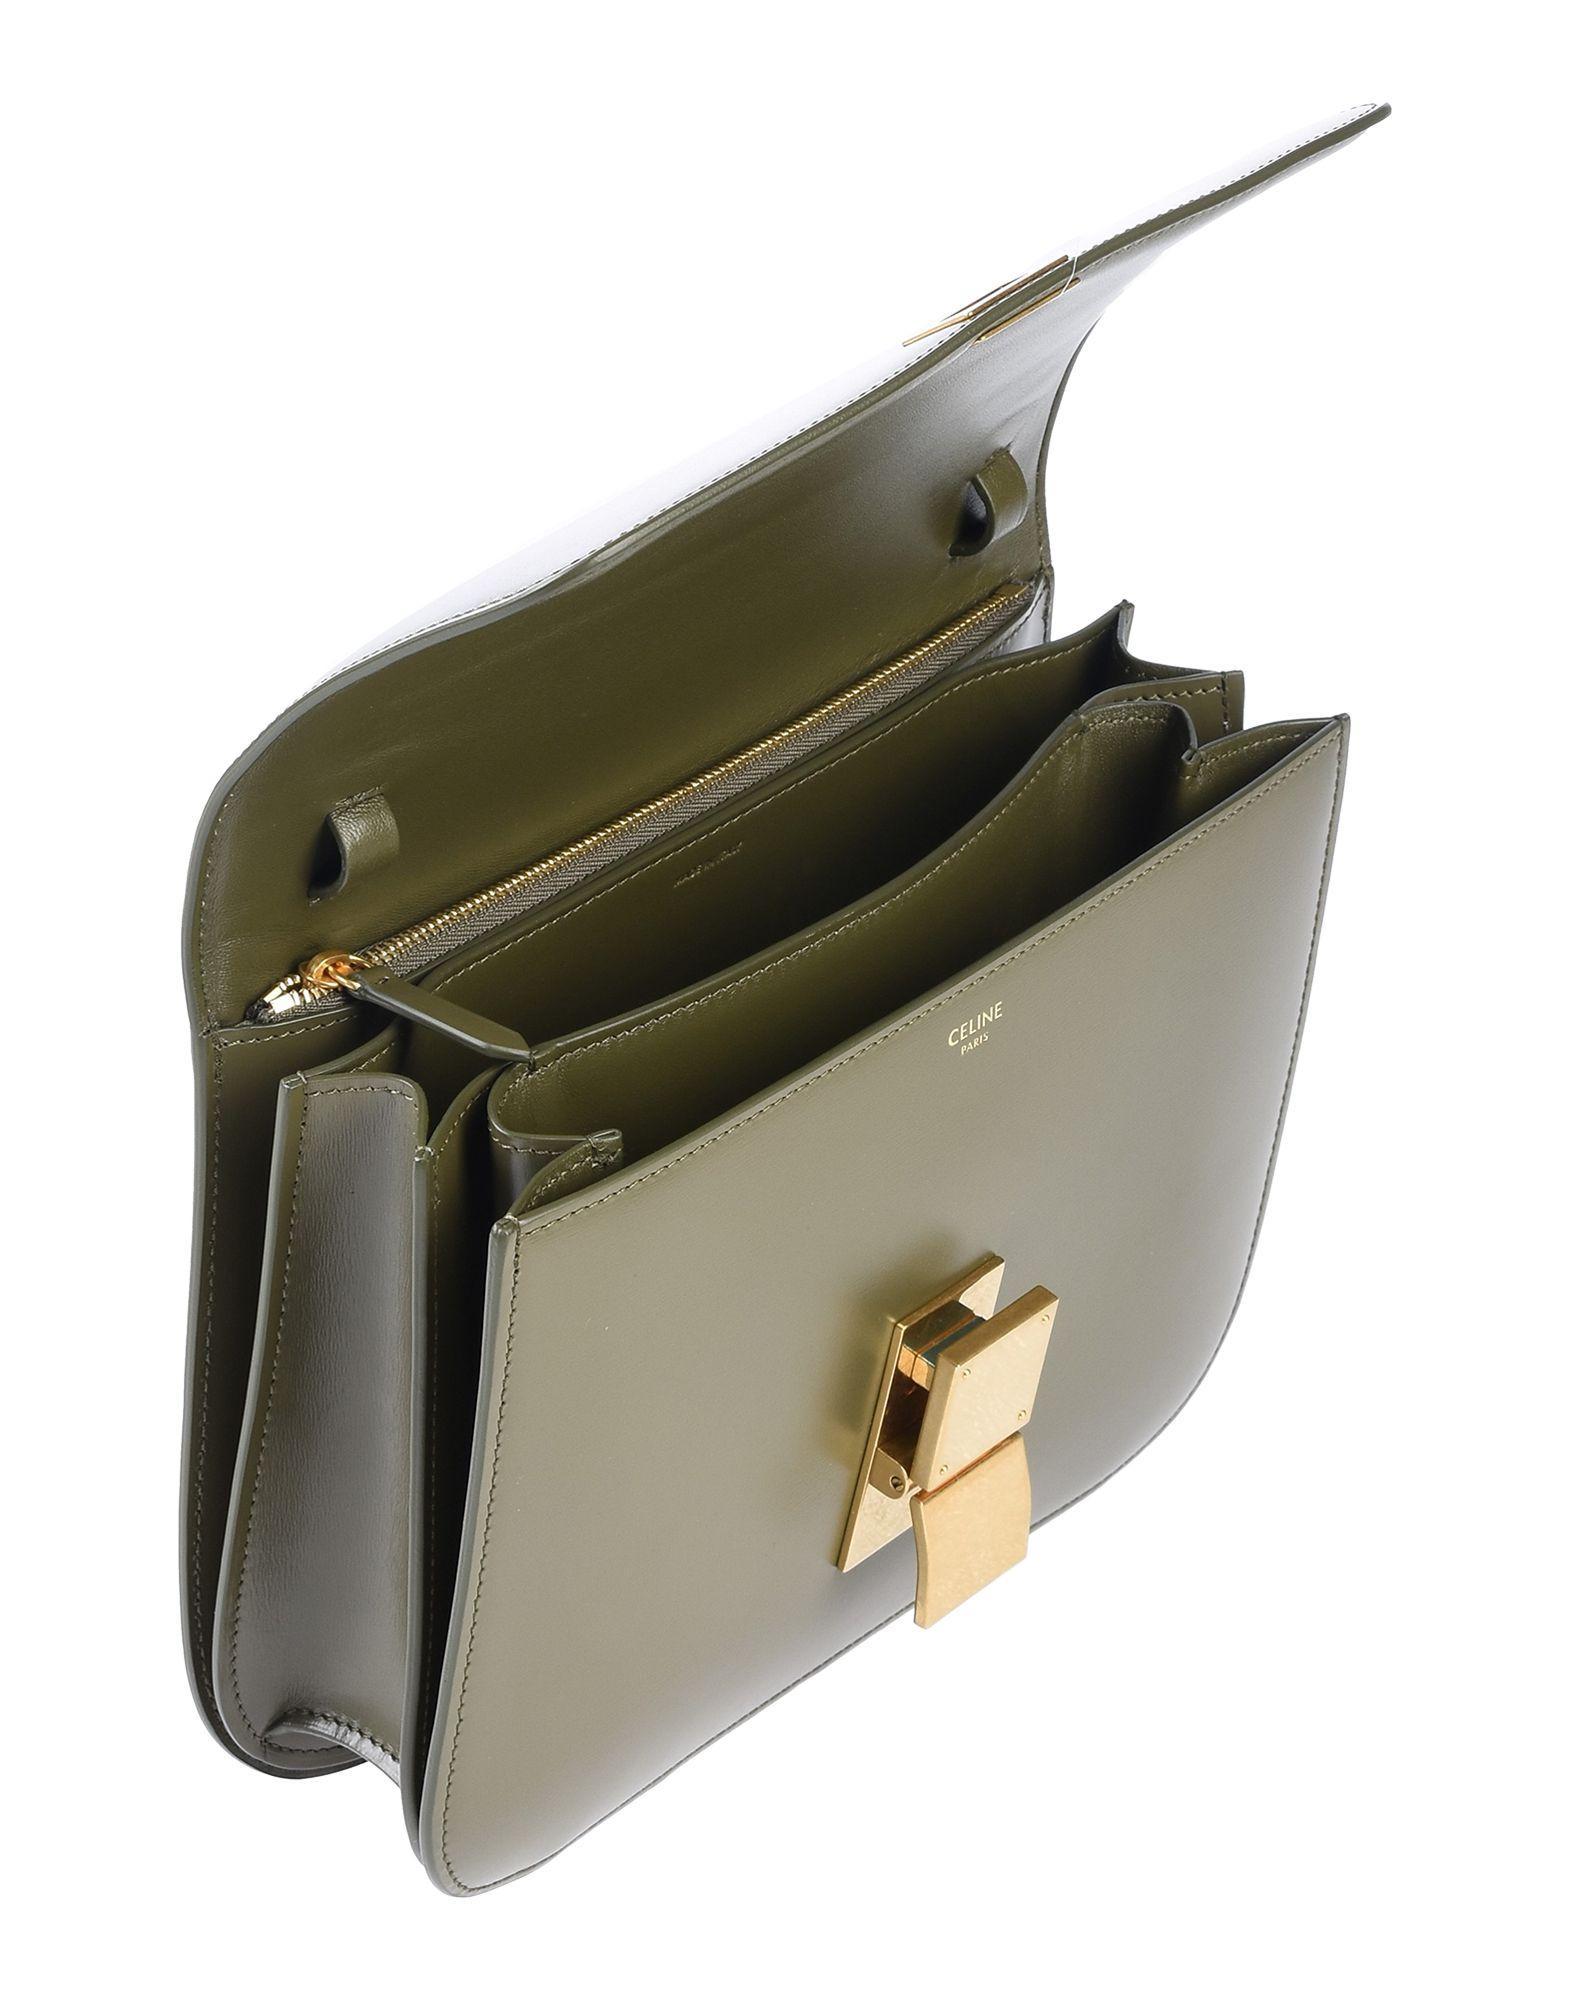 Celine Leder Handtaschen in Grün Q3gue